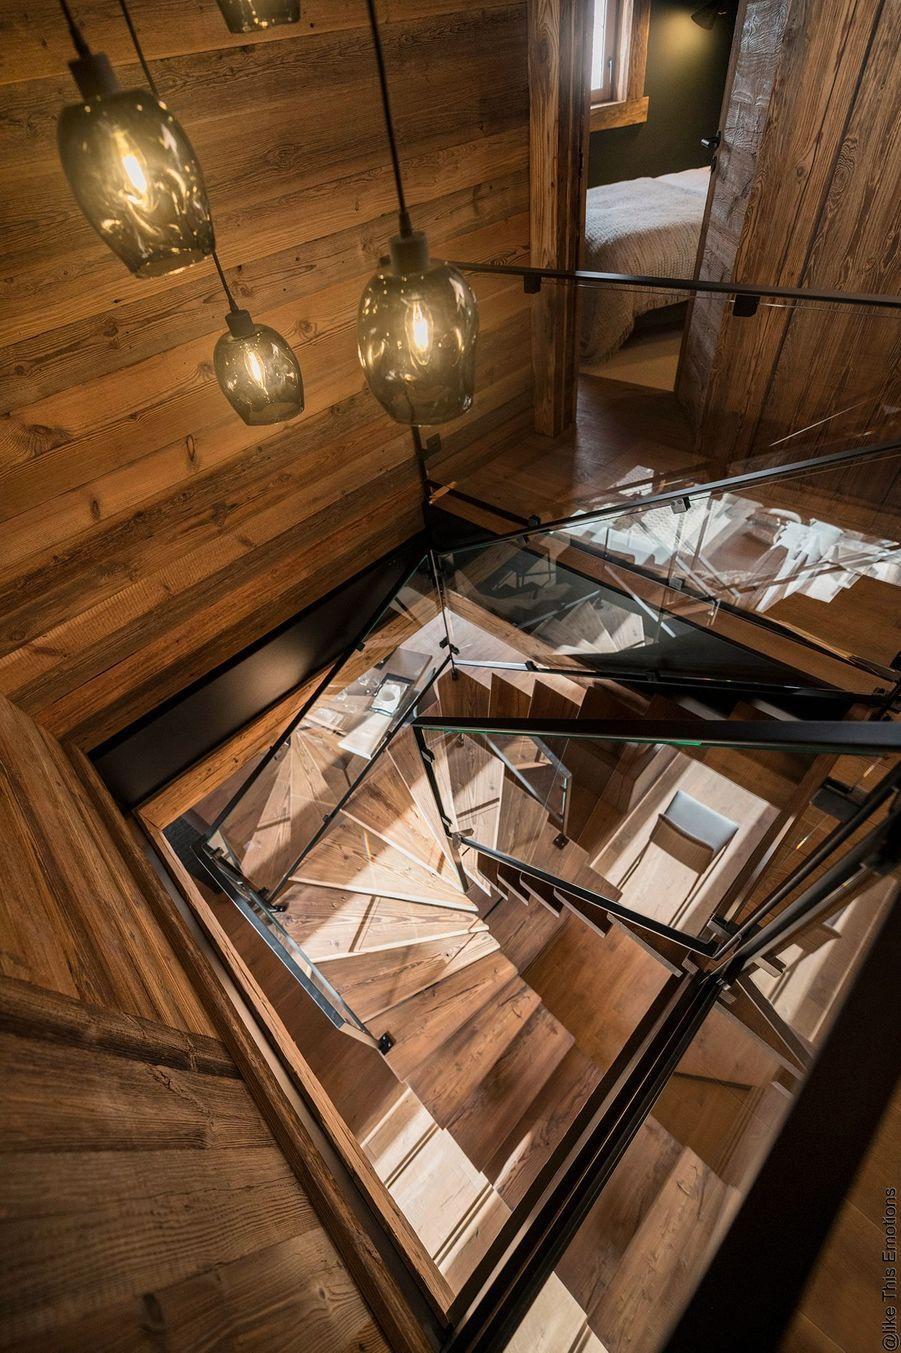 Escalier en verre.